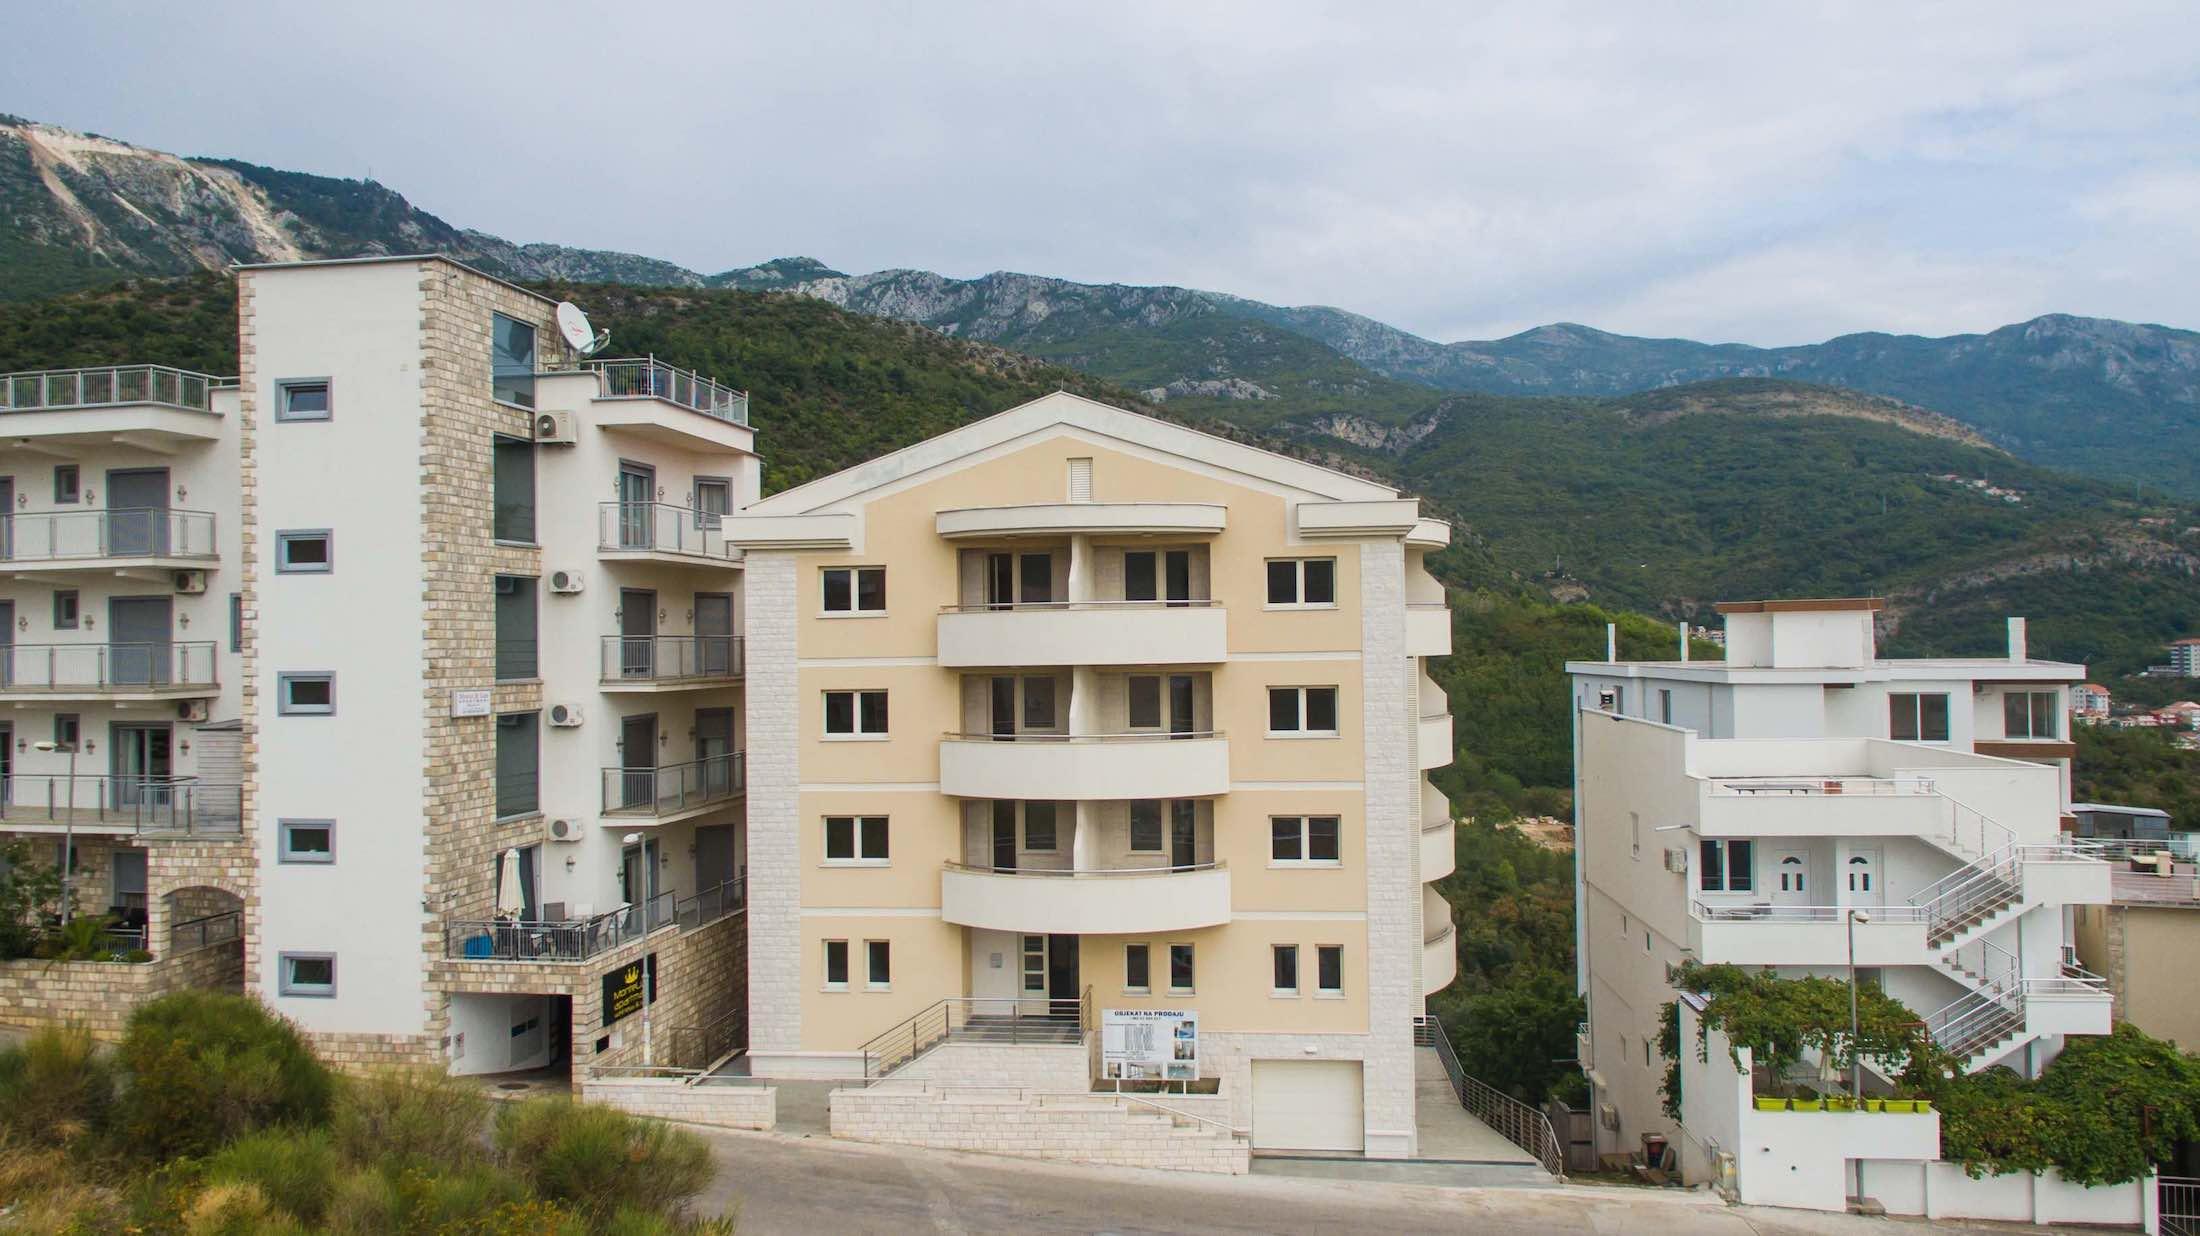 IVANOVICI ANATOLIA доходная недвижимость в черногории Бечичи Будва43.jpeg